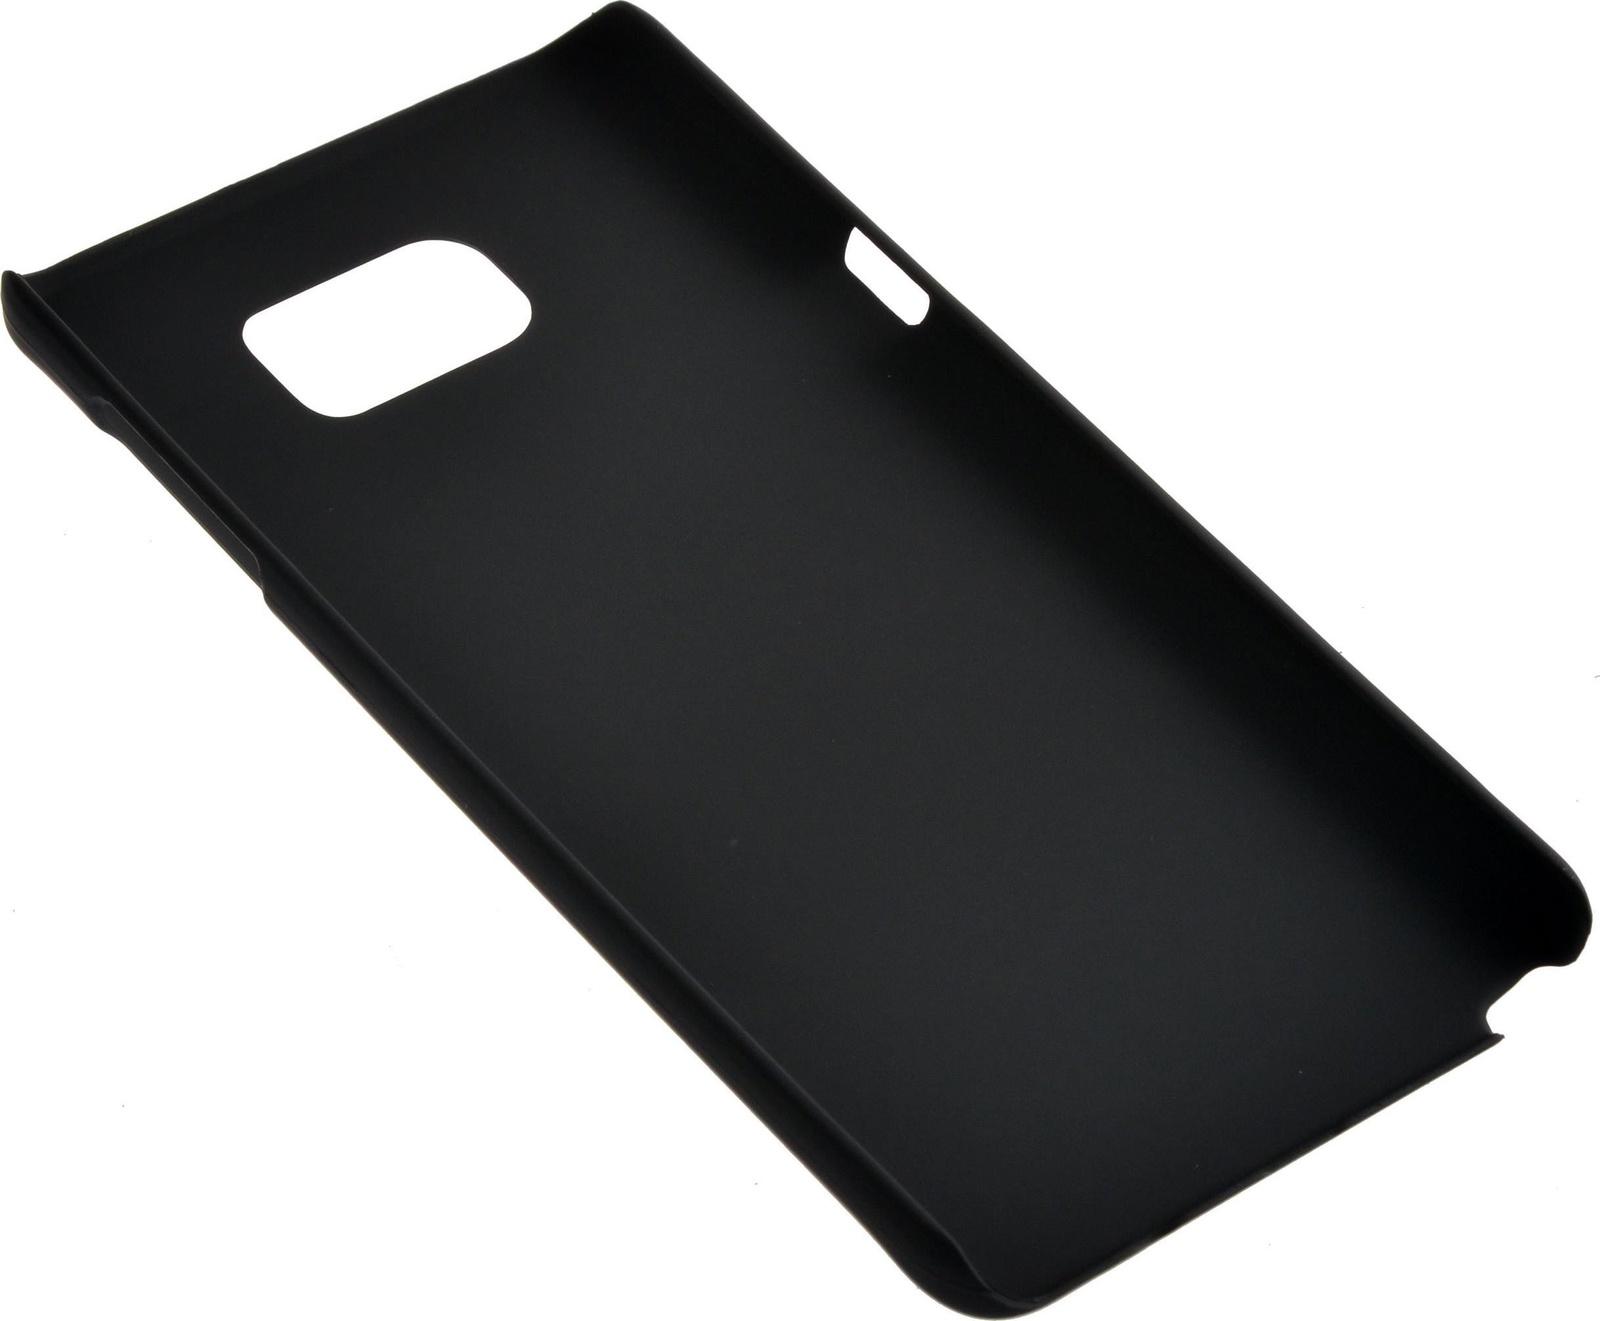 цена на Чехол для сотового телефона skinBOX 4People, 4660041407136, черный